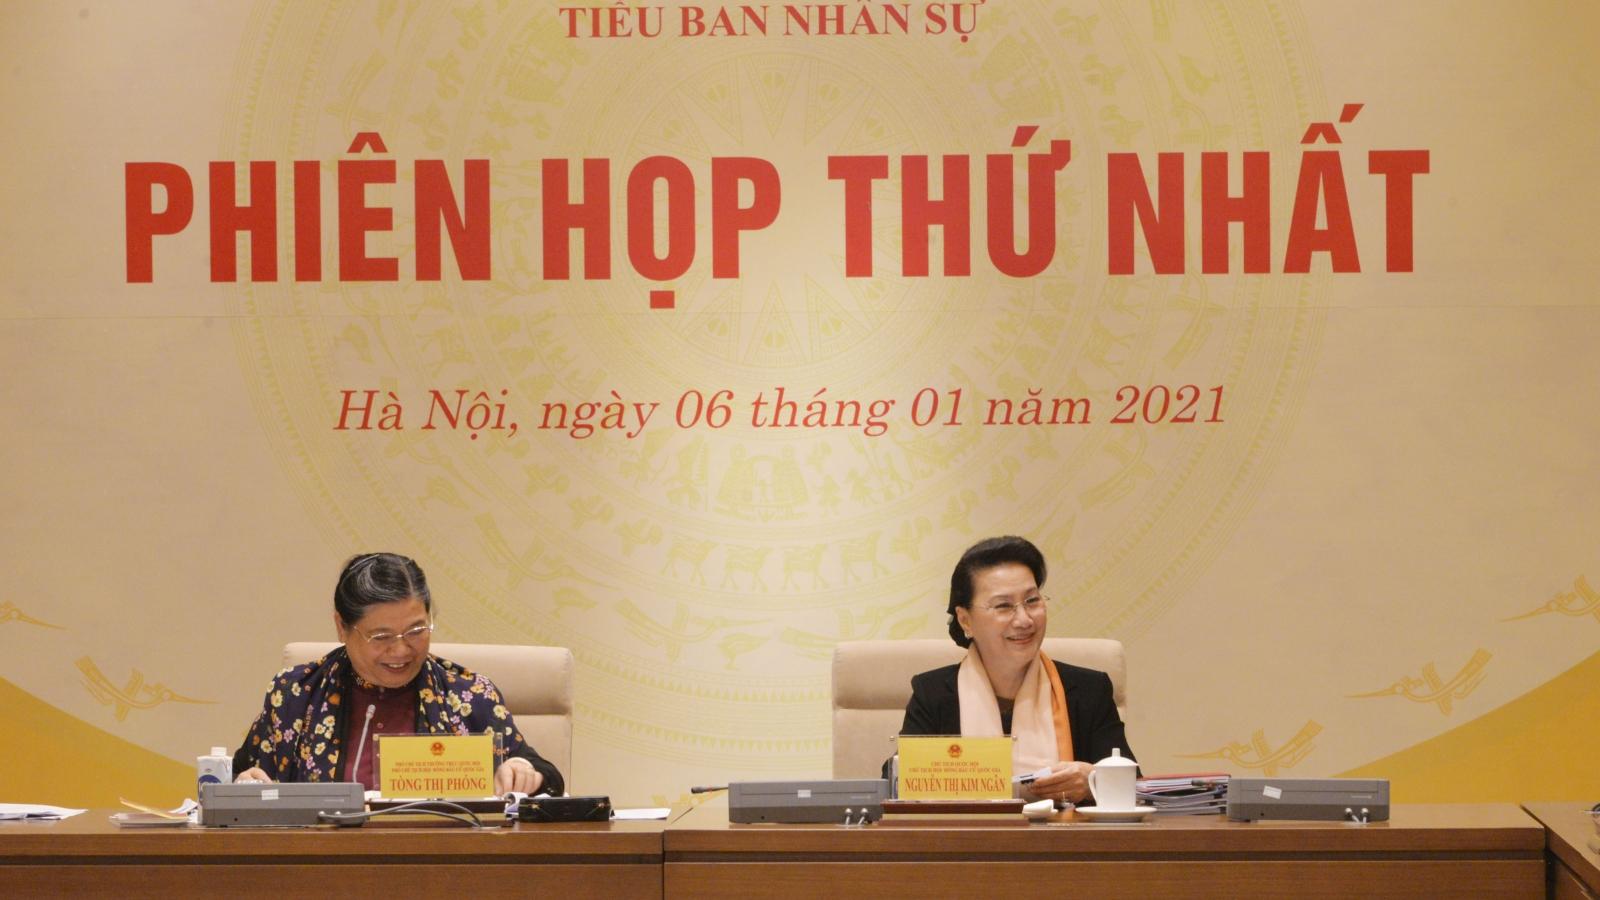 Hội đồng bầu cử Quốc gia: Tiểu ban nhân sự họp phiên thứ nhất